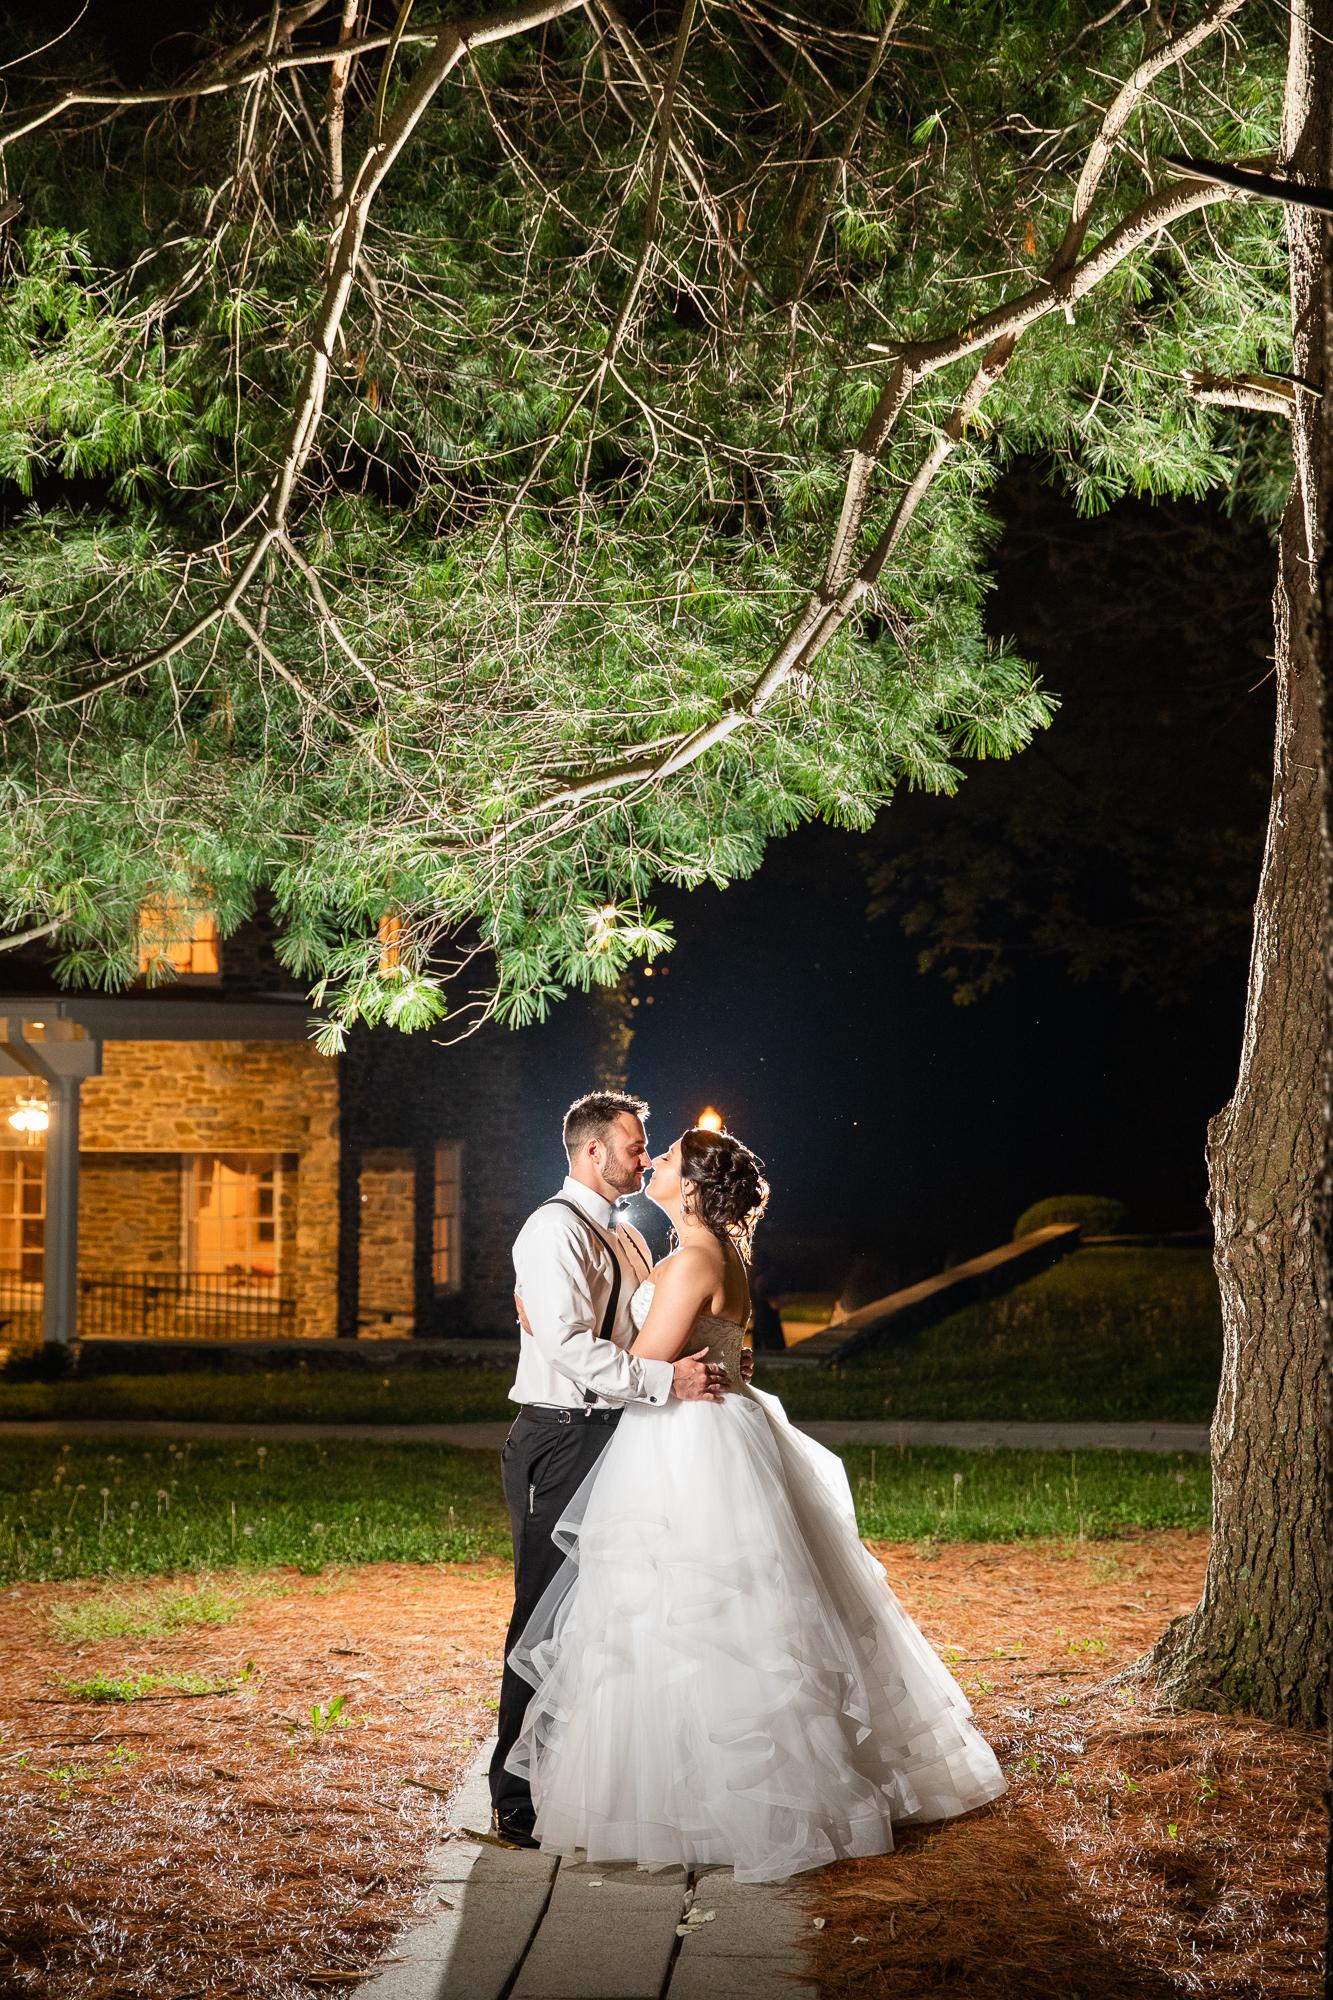 Stone-manor-country-club-wedding-photos-105-2.jpg